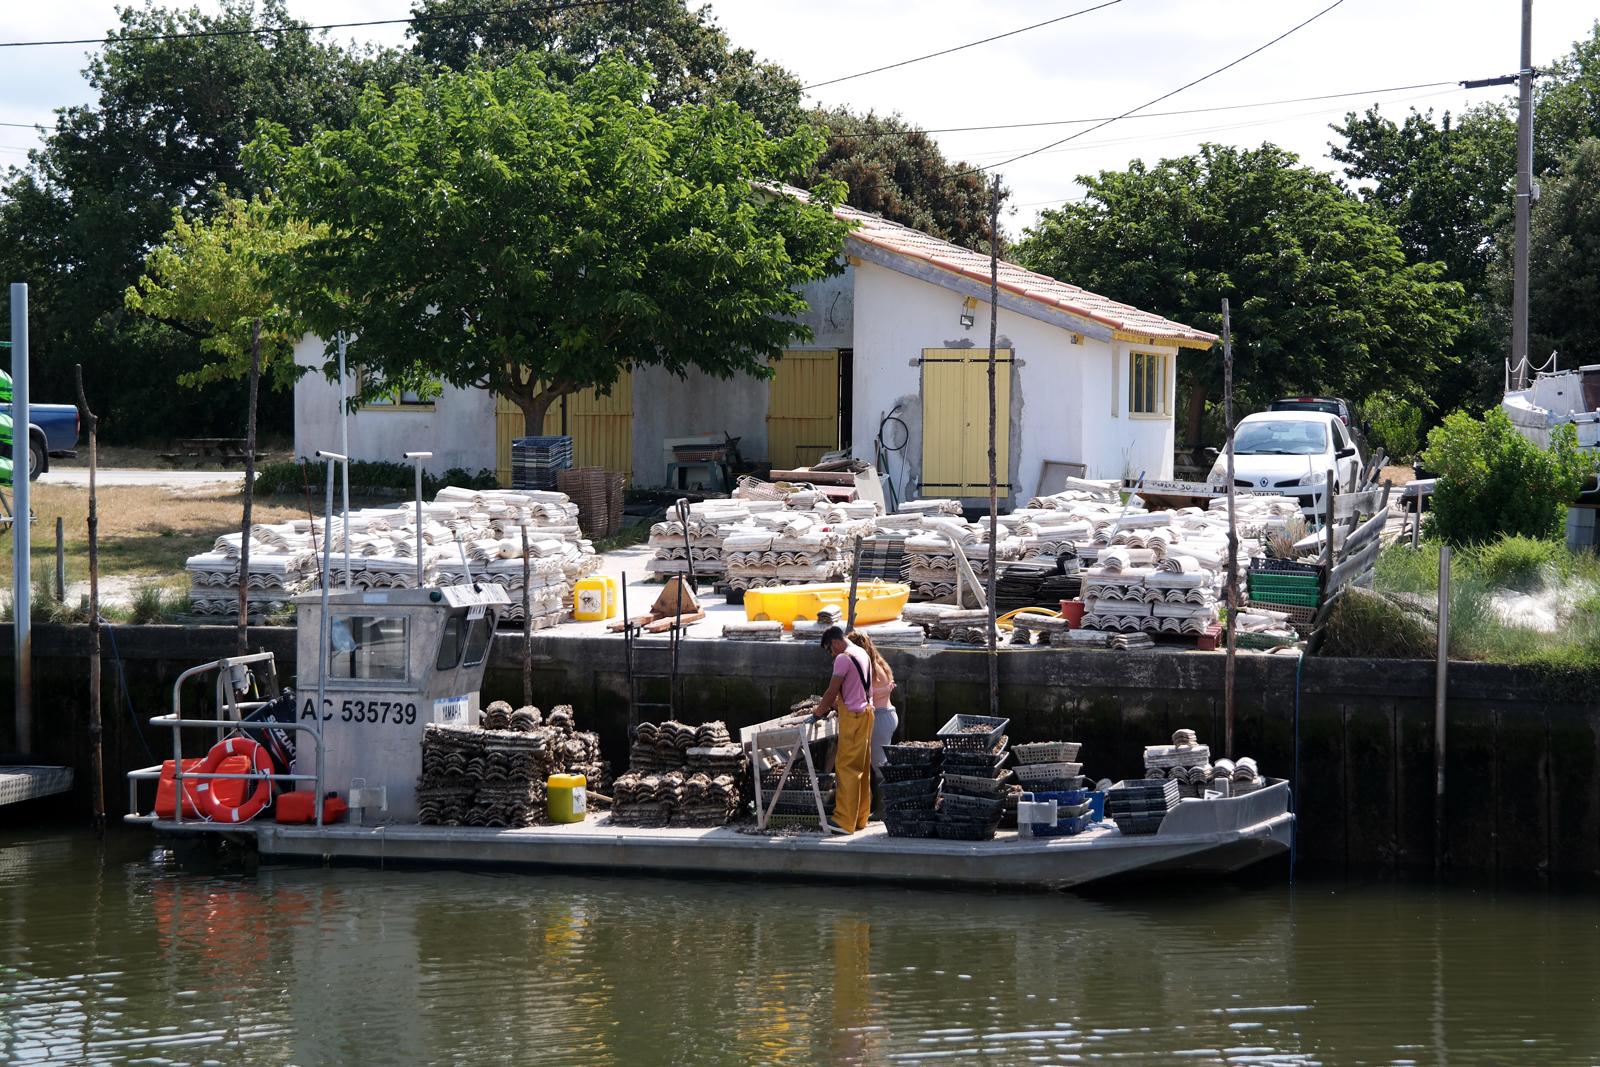 Bateau ostréiculteur Port d Arès Bassin d Arcachon sortie à la marée dégustation huitres vacances tourisme expérience photo usofparis blog